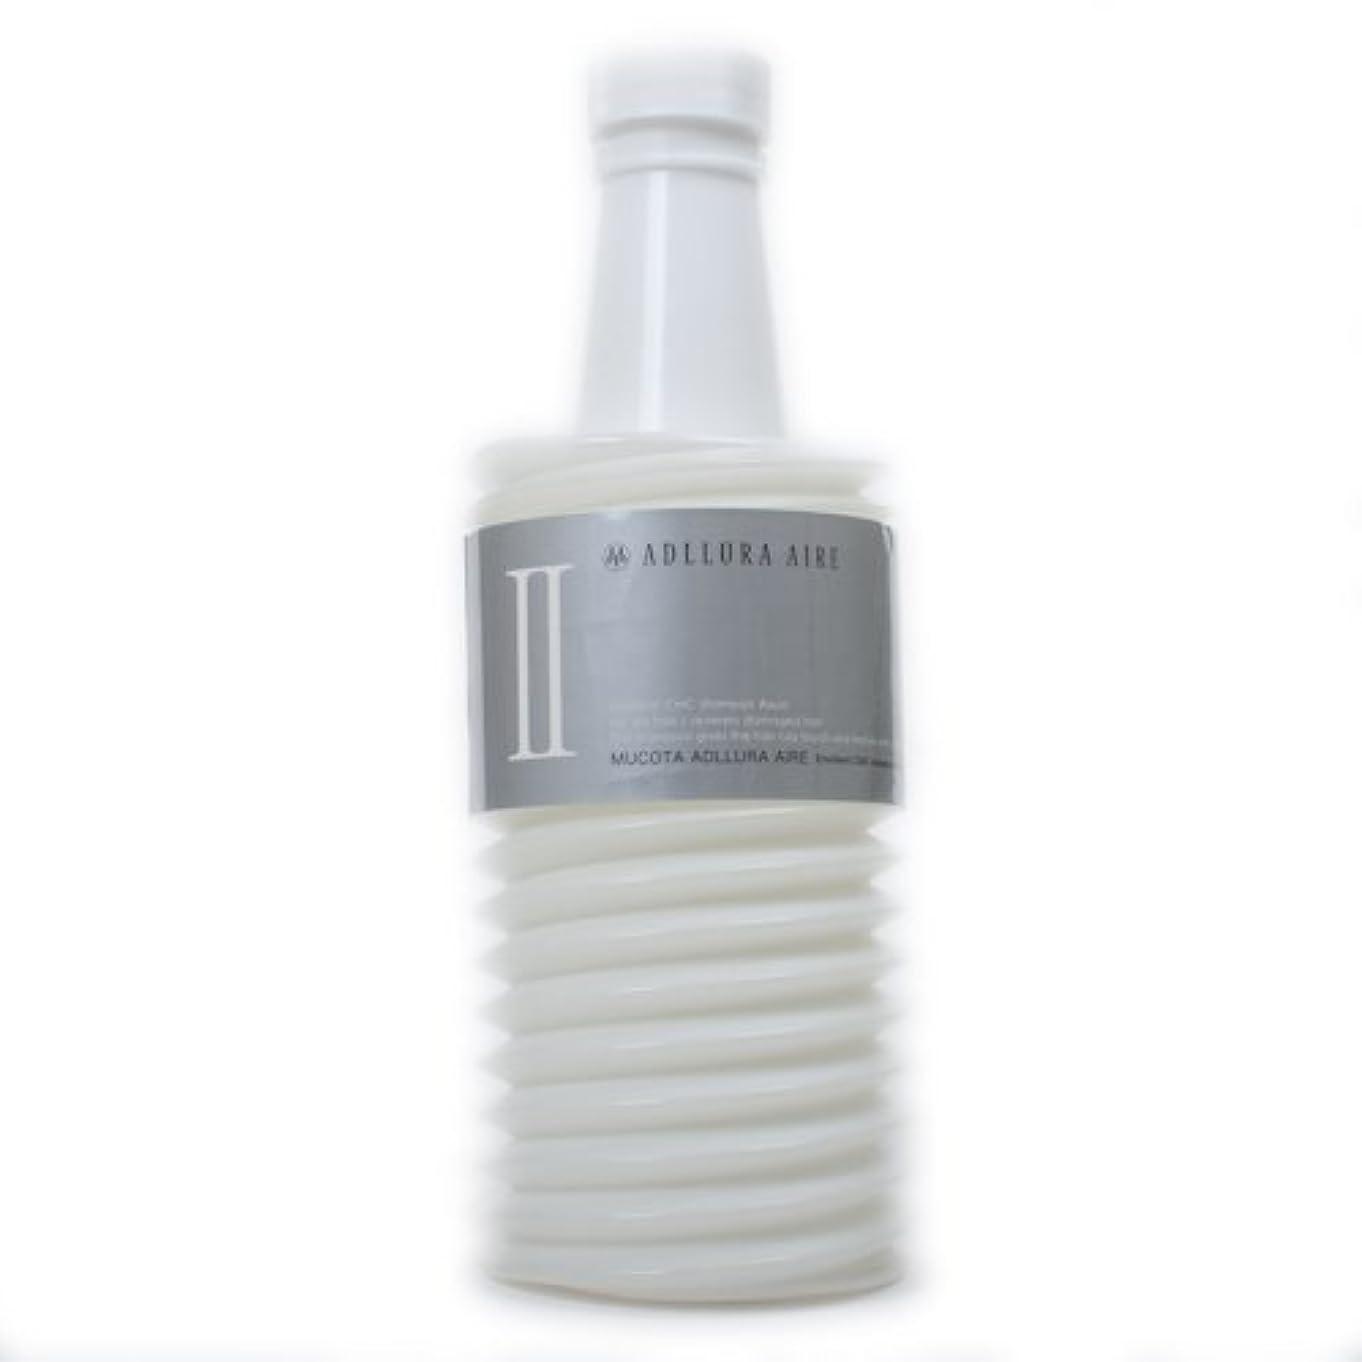 線ミュート窓を洗う【ムコタ】アデューラアイレ02 エモリエントCMCシャンプー アクア 700ml